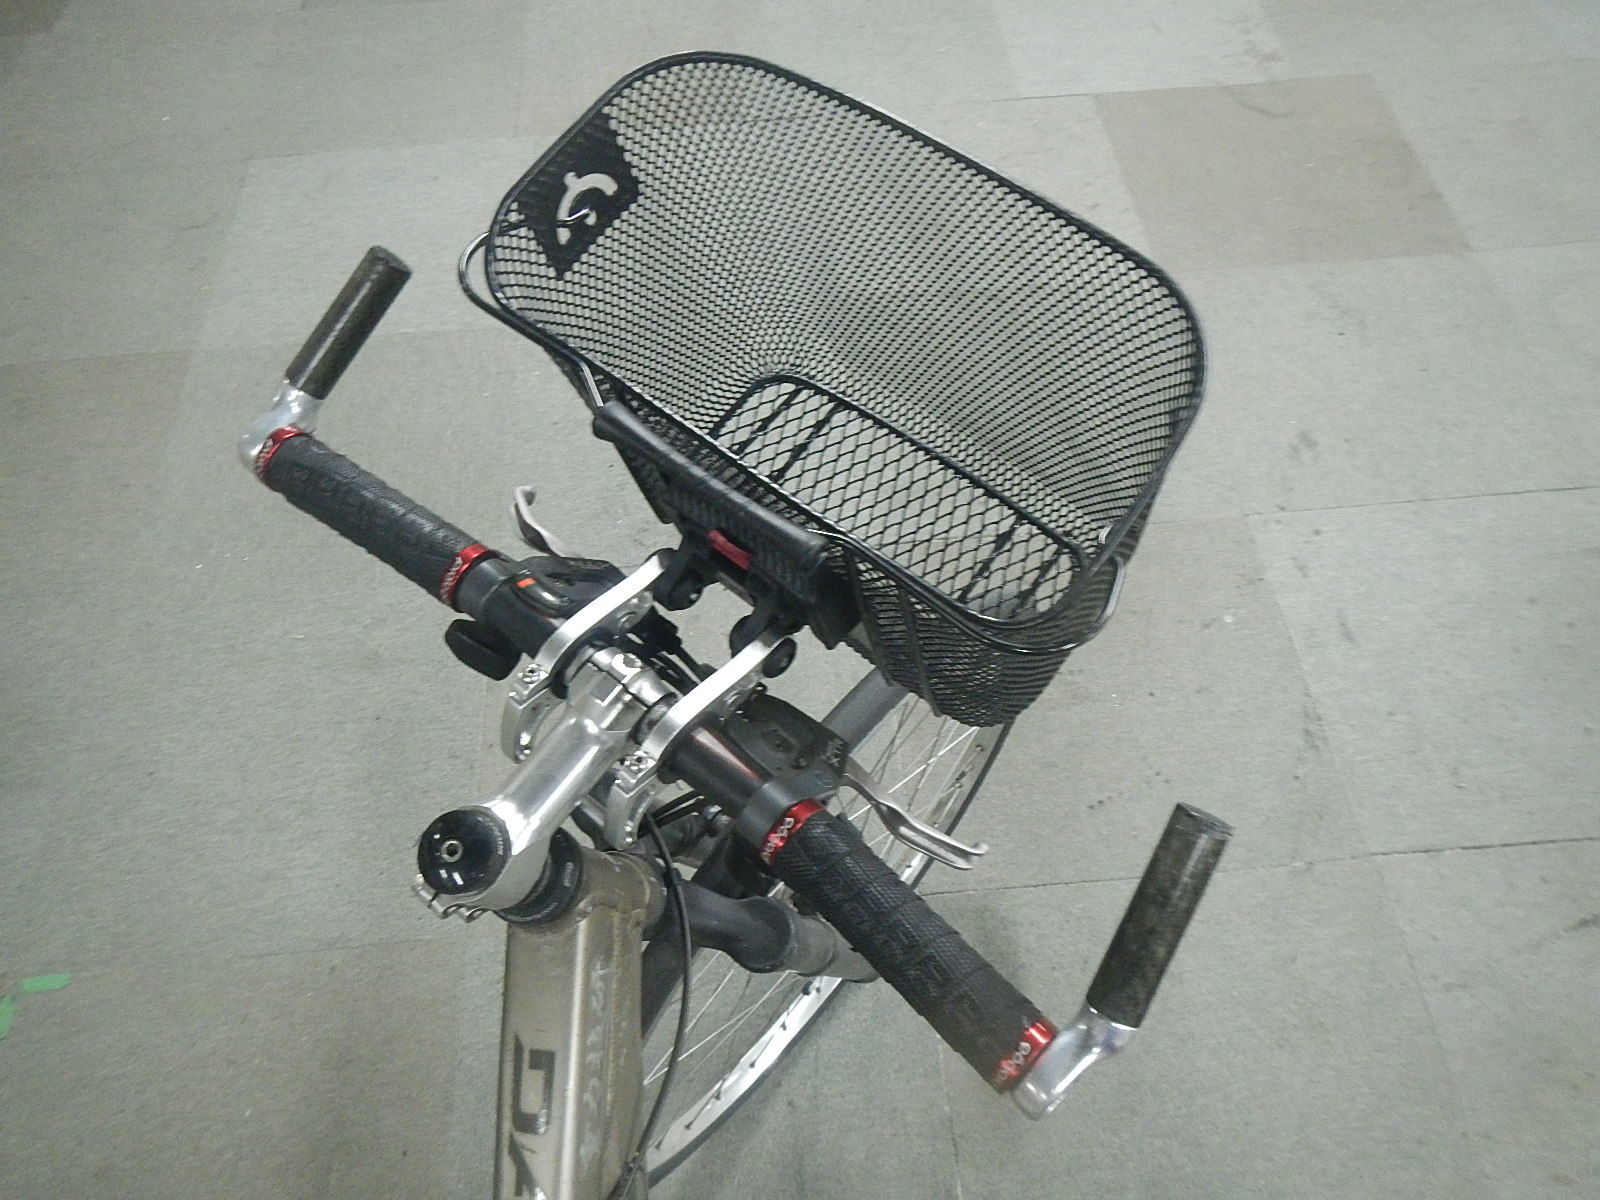 最強のアルミバイクに乗る 番外編①_a0386742_14503822.jpg